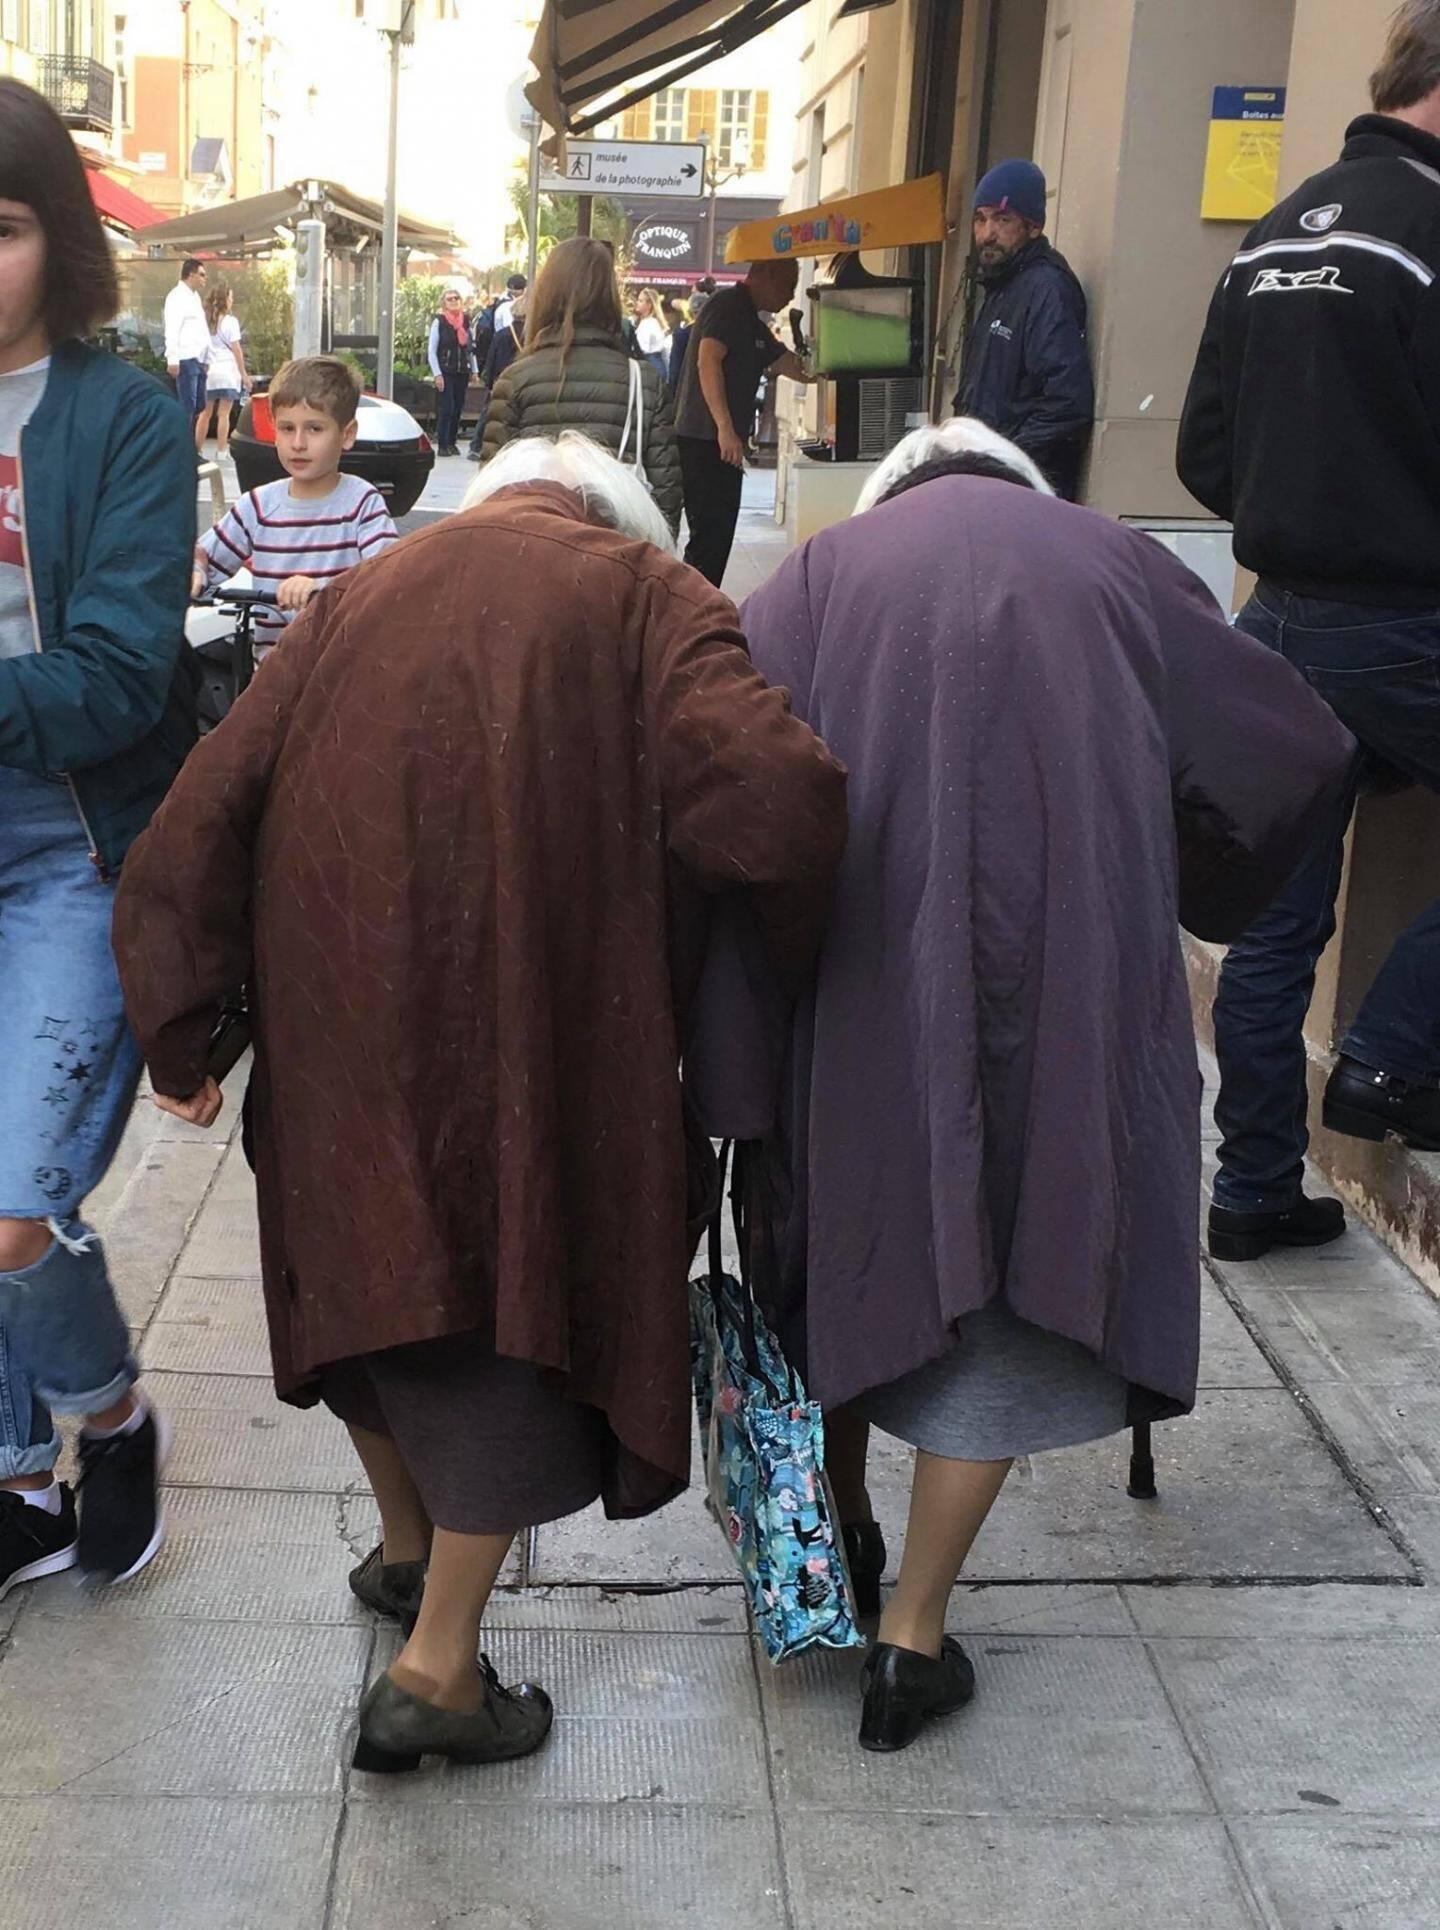 Les jumelles souvent aperçues près de la Poste du Vieux-Nice (2018).